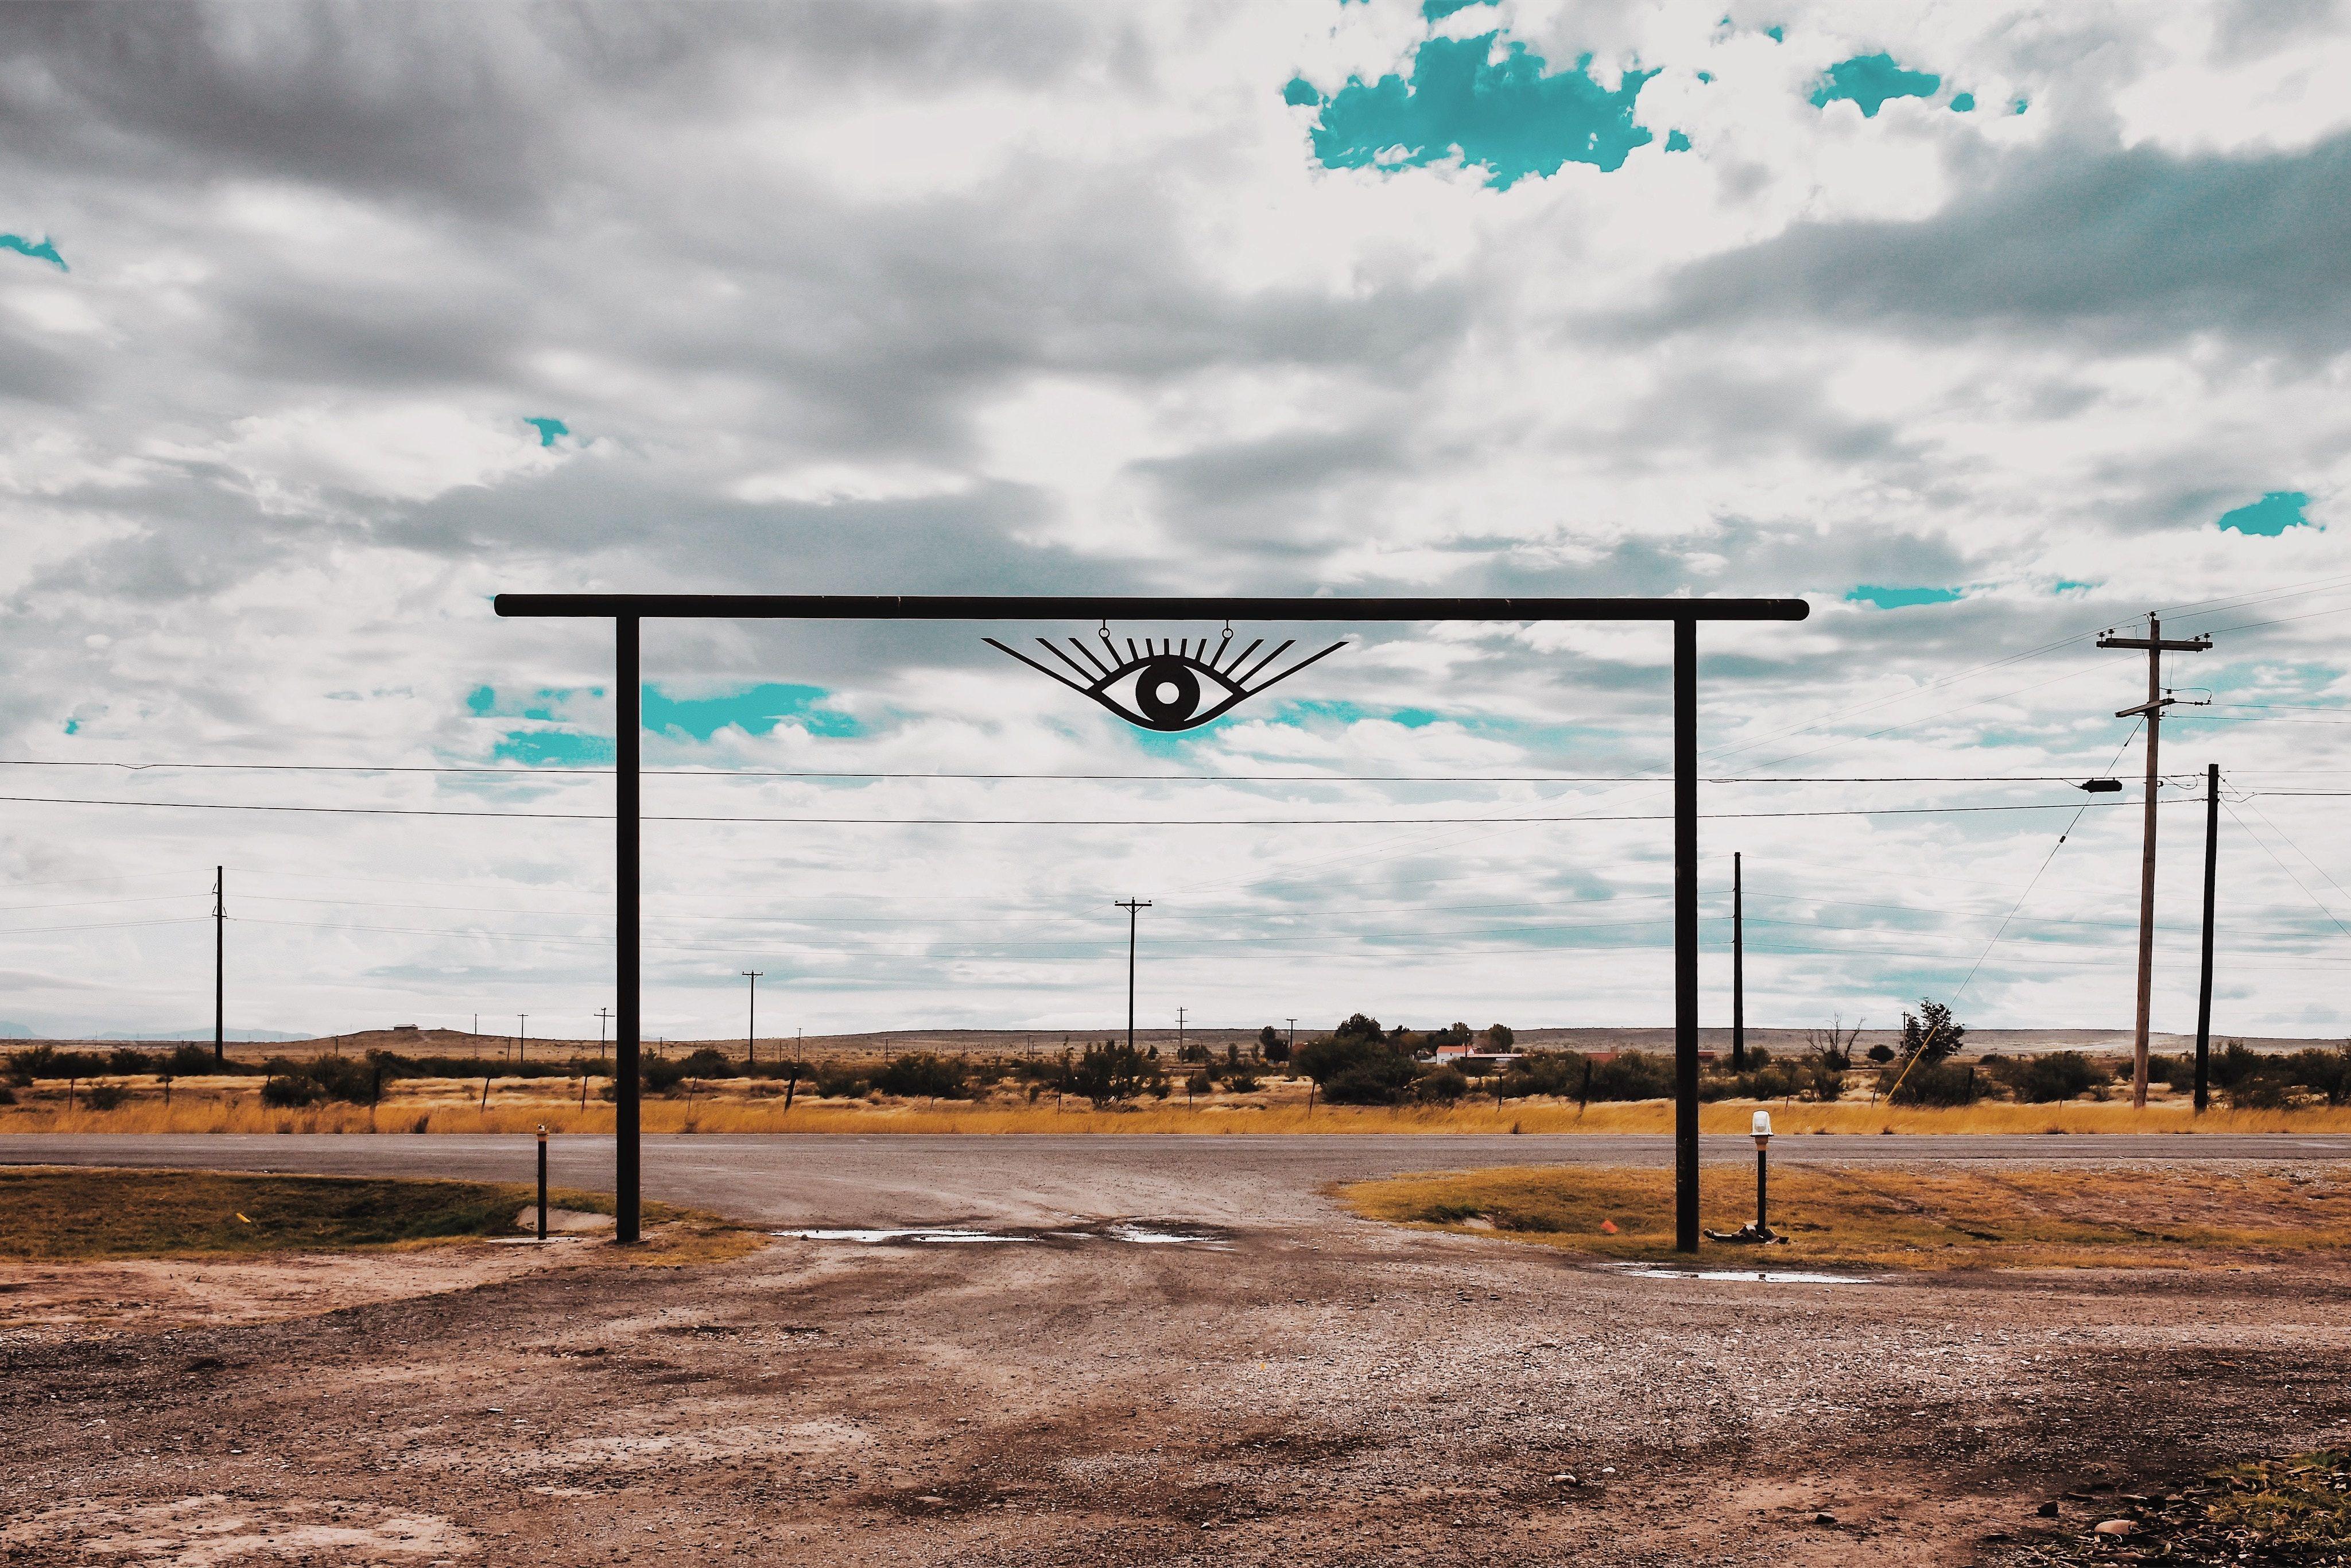 siti di incontri in El Paso TX